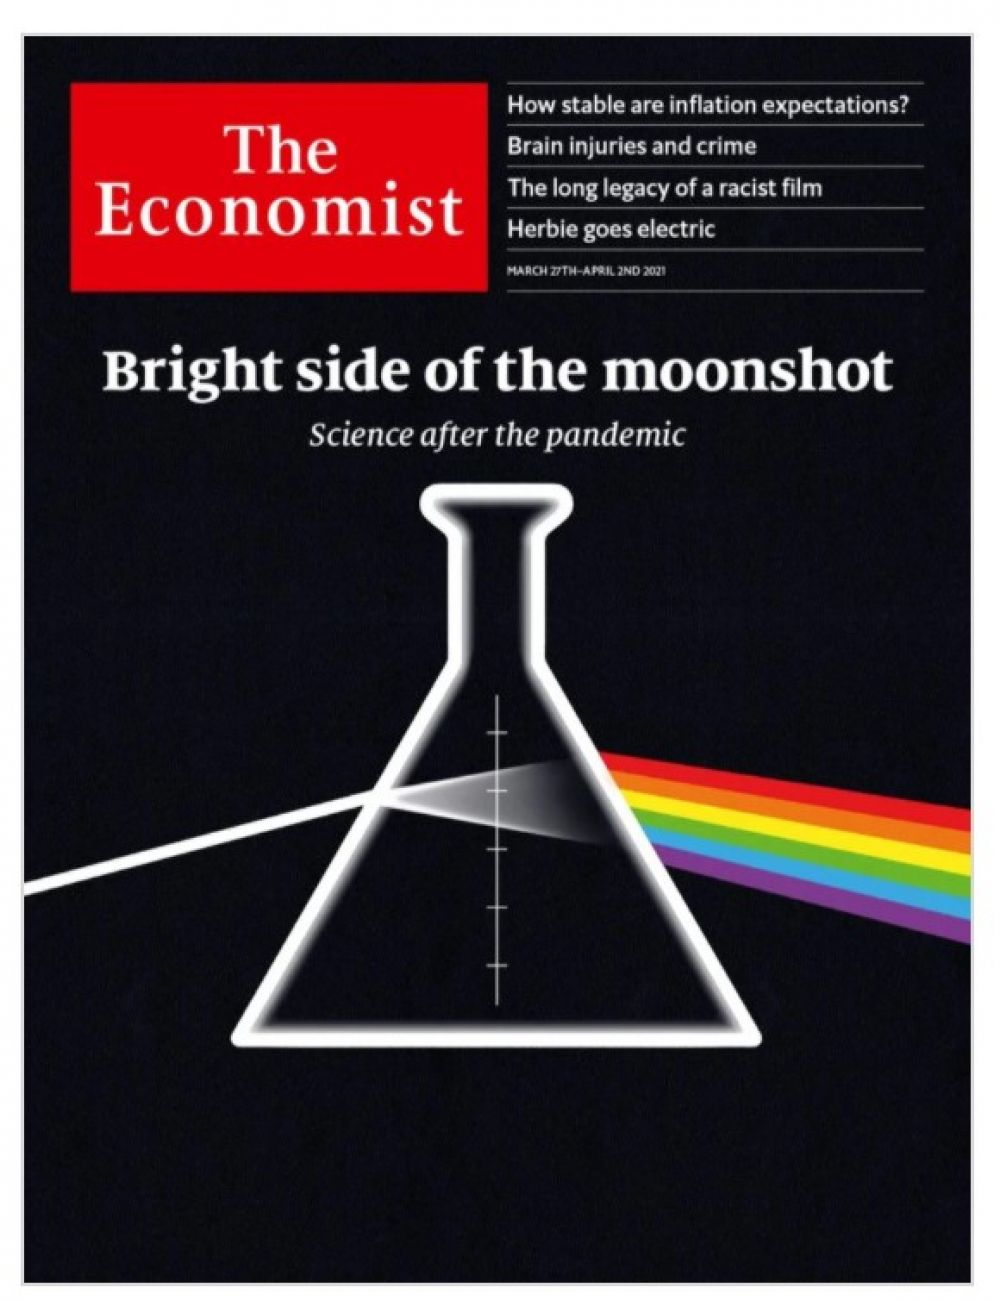 The Economist из Британии за апрель. Пандемия - большая общечеловеческая проблема? Безусловно. Но она же дала мощнейший толчок развитию технологий.